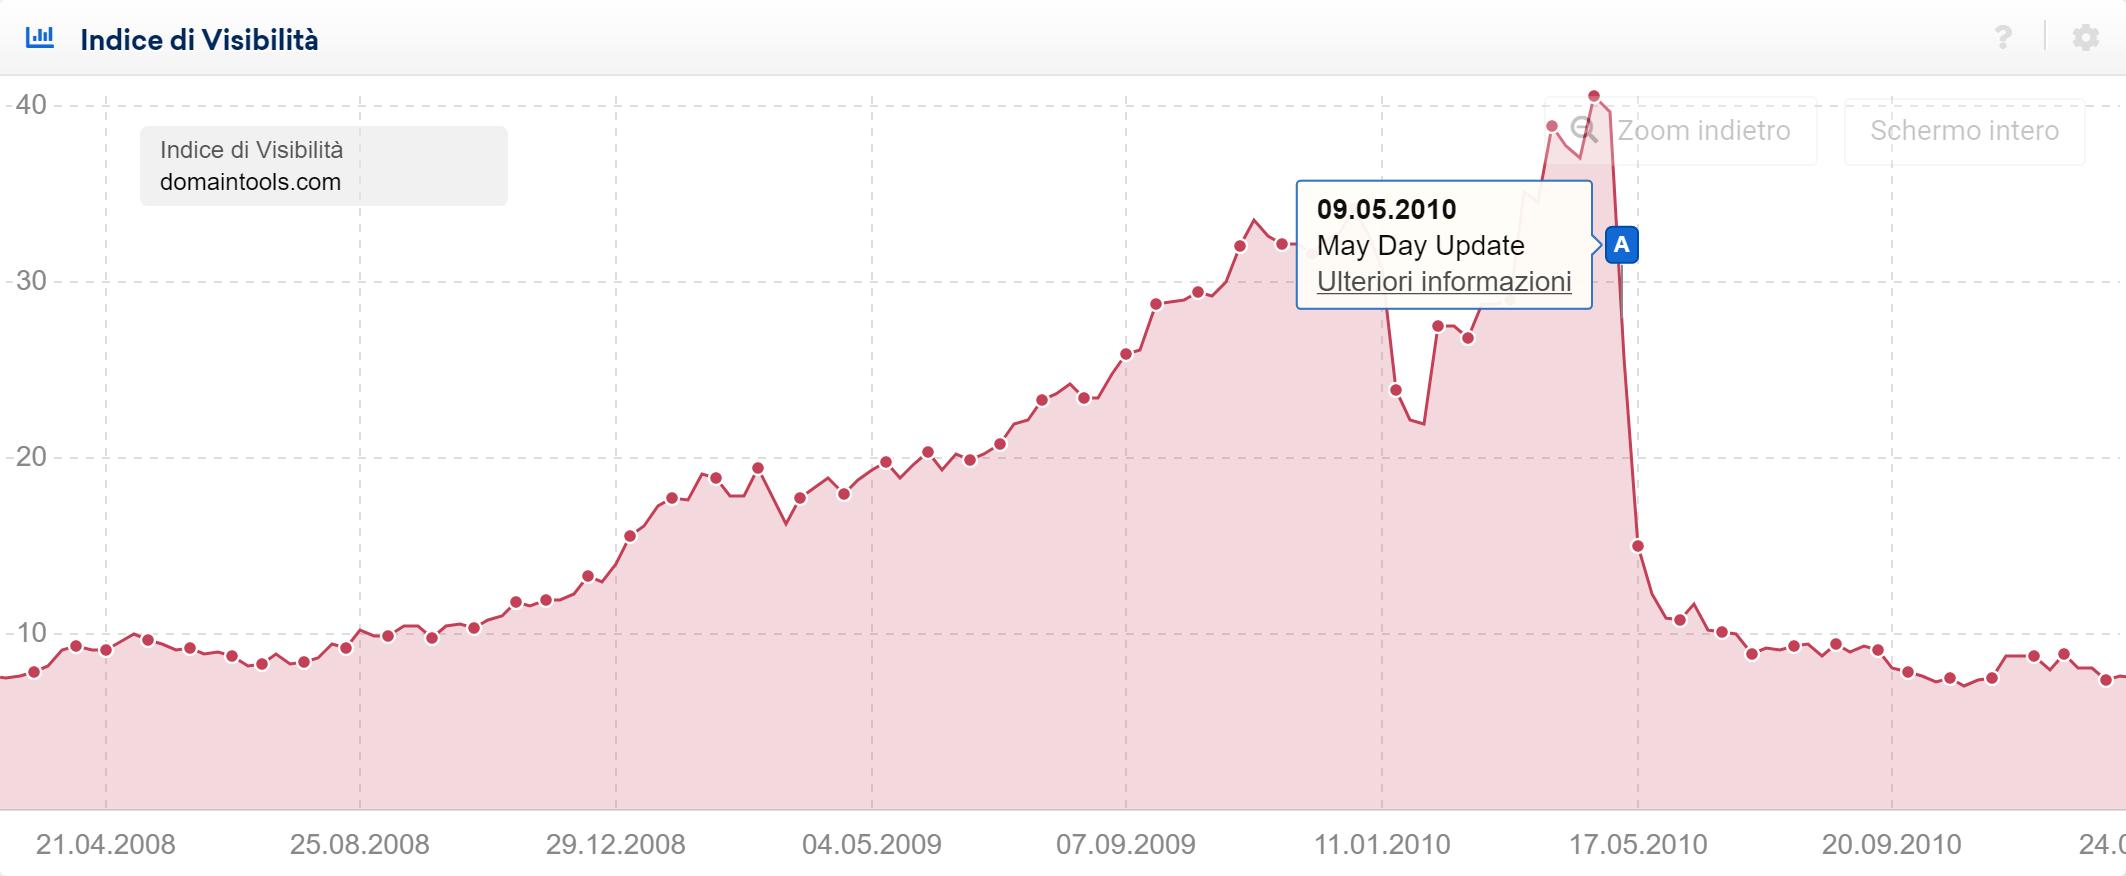 Sviluppo dell'Indice di Visibilità di un dominio colpito dal May Day Update, indicato tramite un pin-evento nel Toolbox SISTRIX